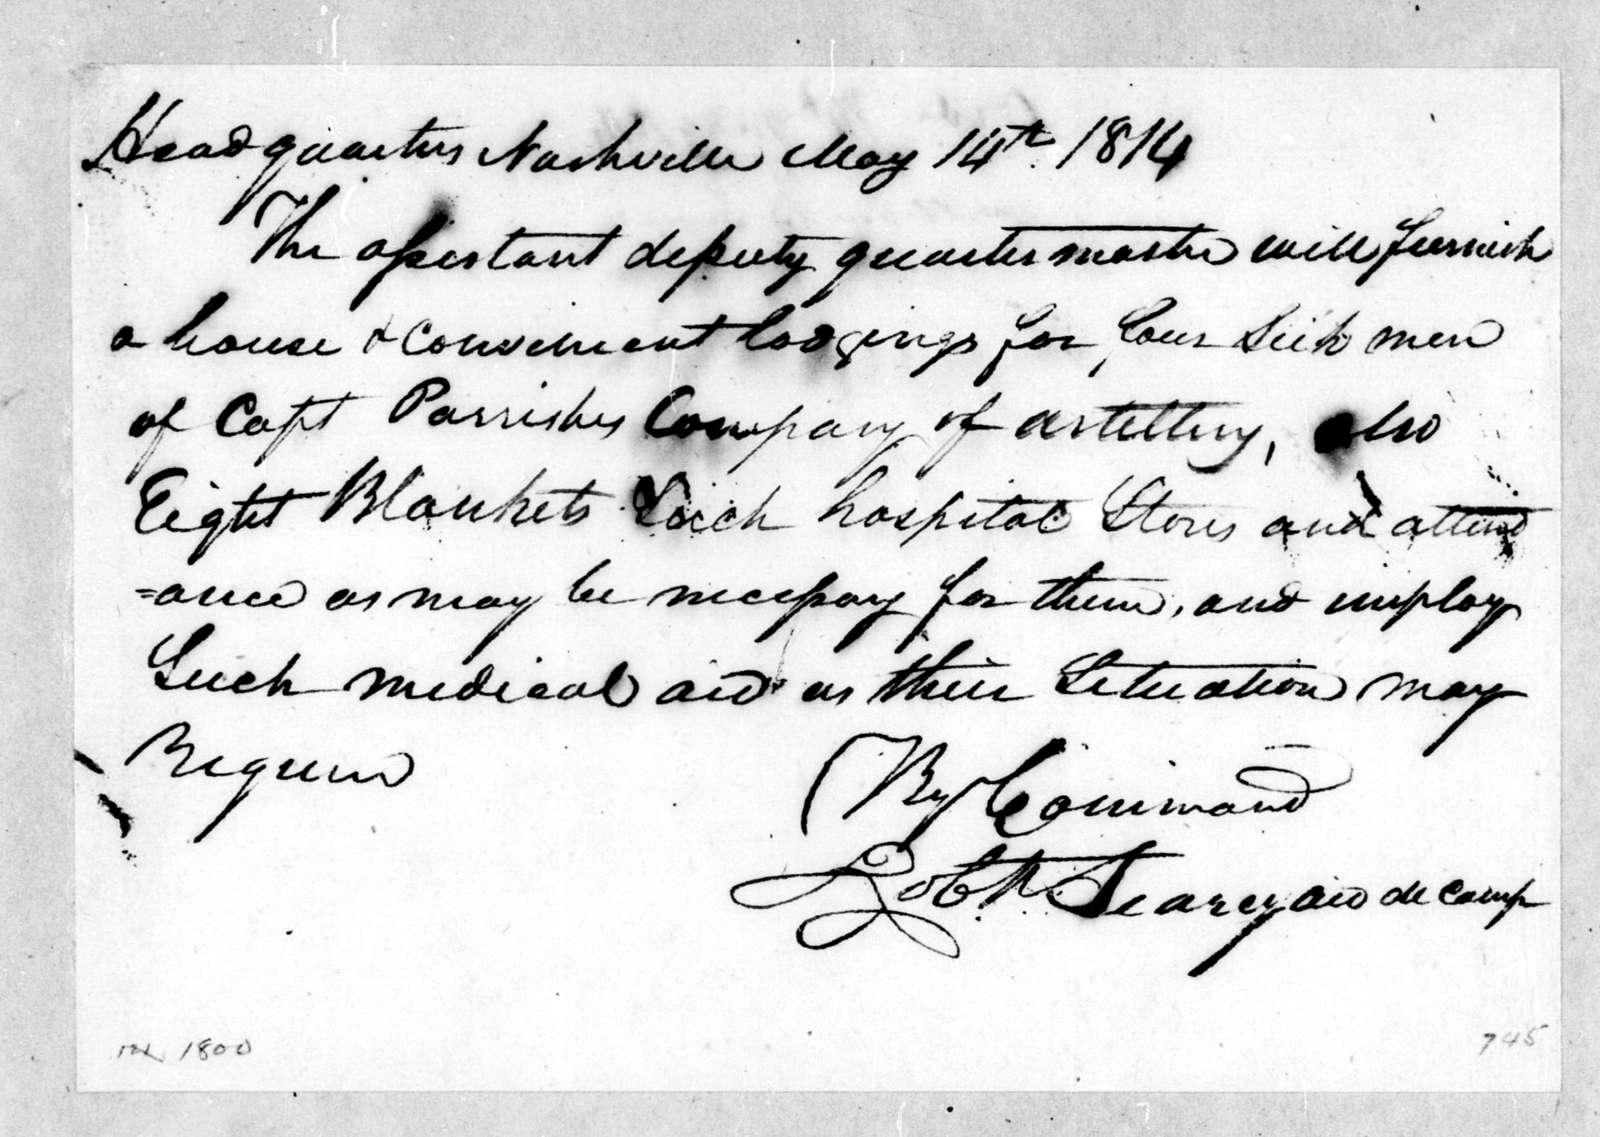 Robert Searcy, May 14, 1814